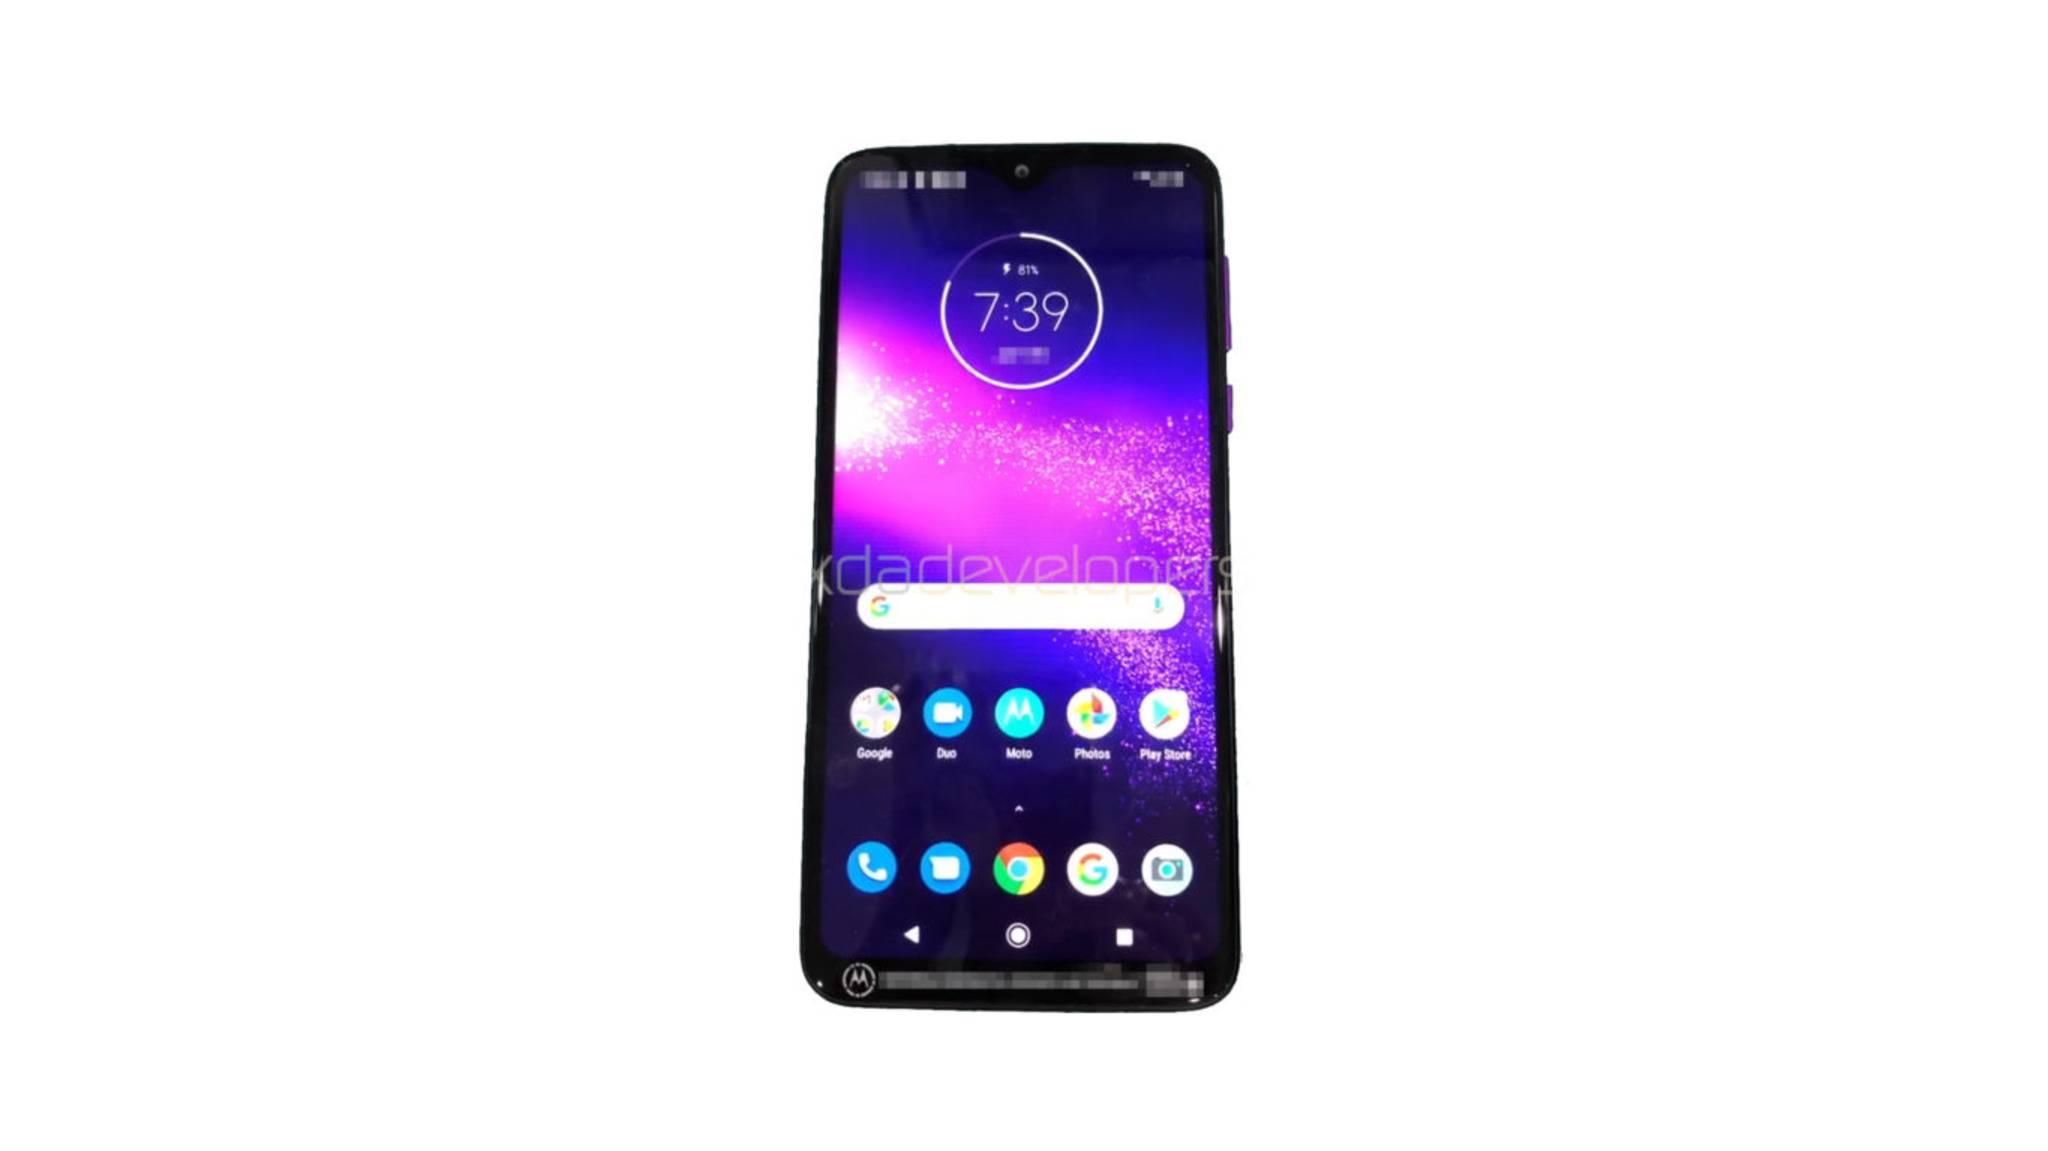 Motorola-One-Macro-Leak